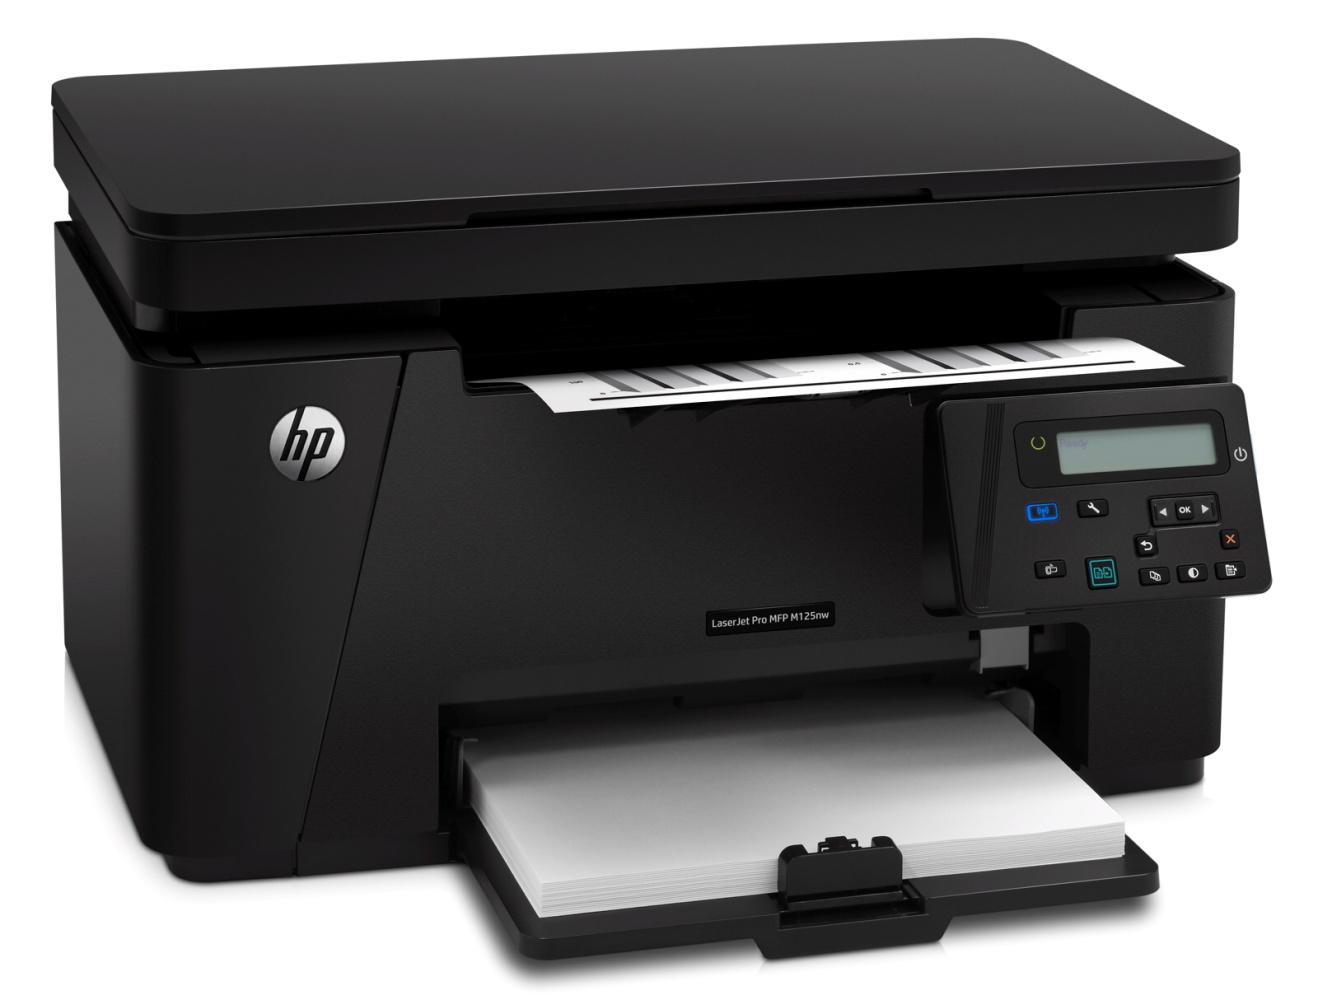 HP LaserJet Pro MFP M125nw /A4,20ppm, USB,LAN,WLAN